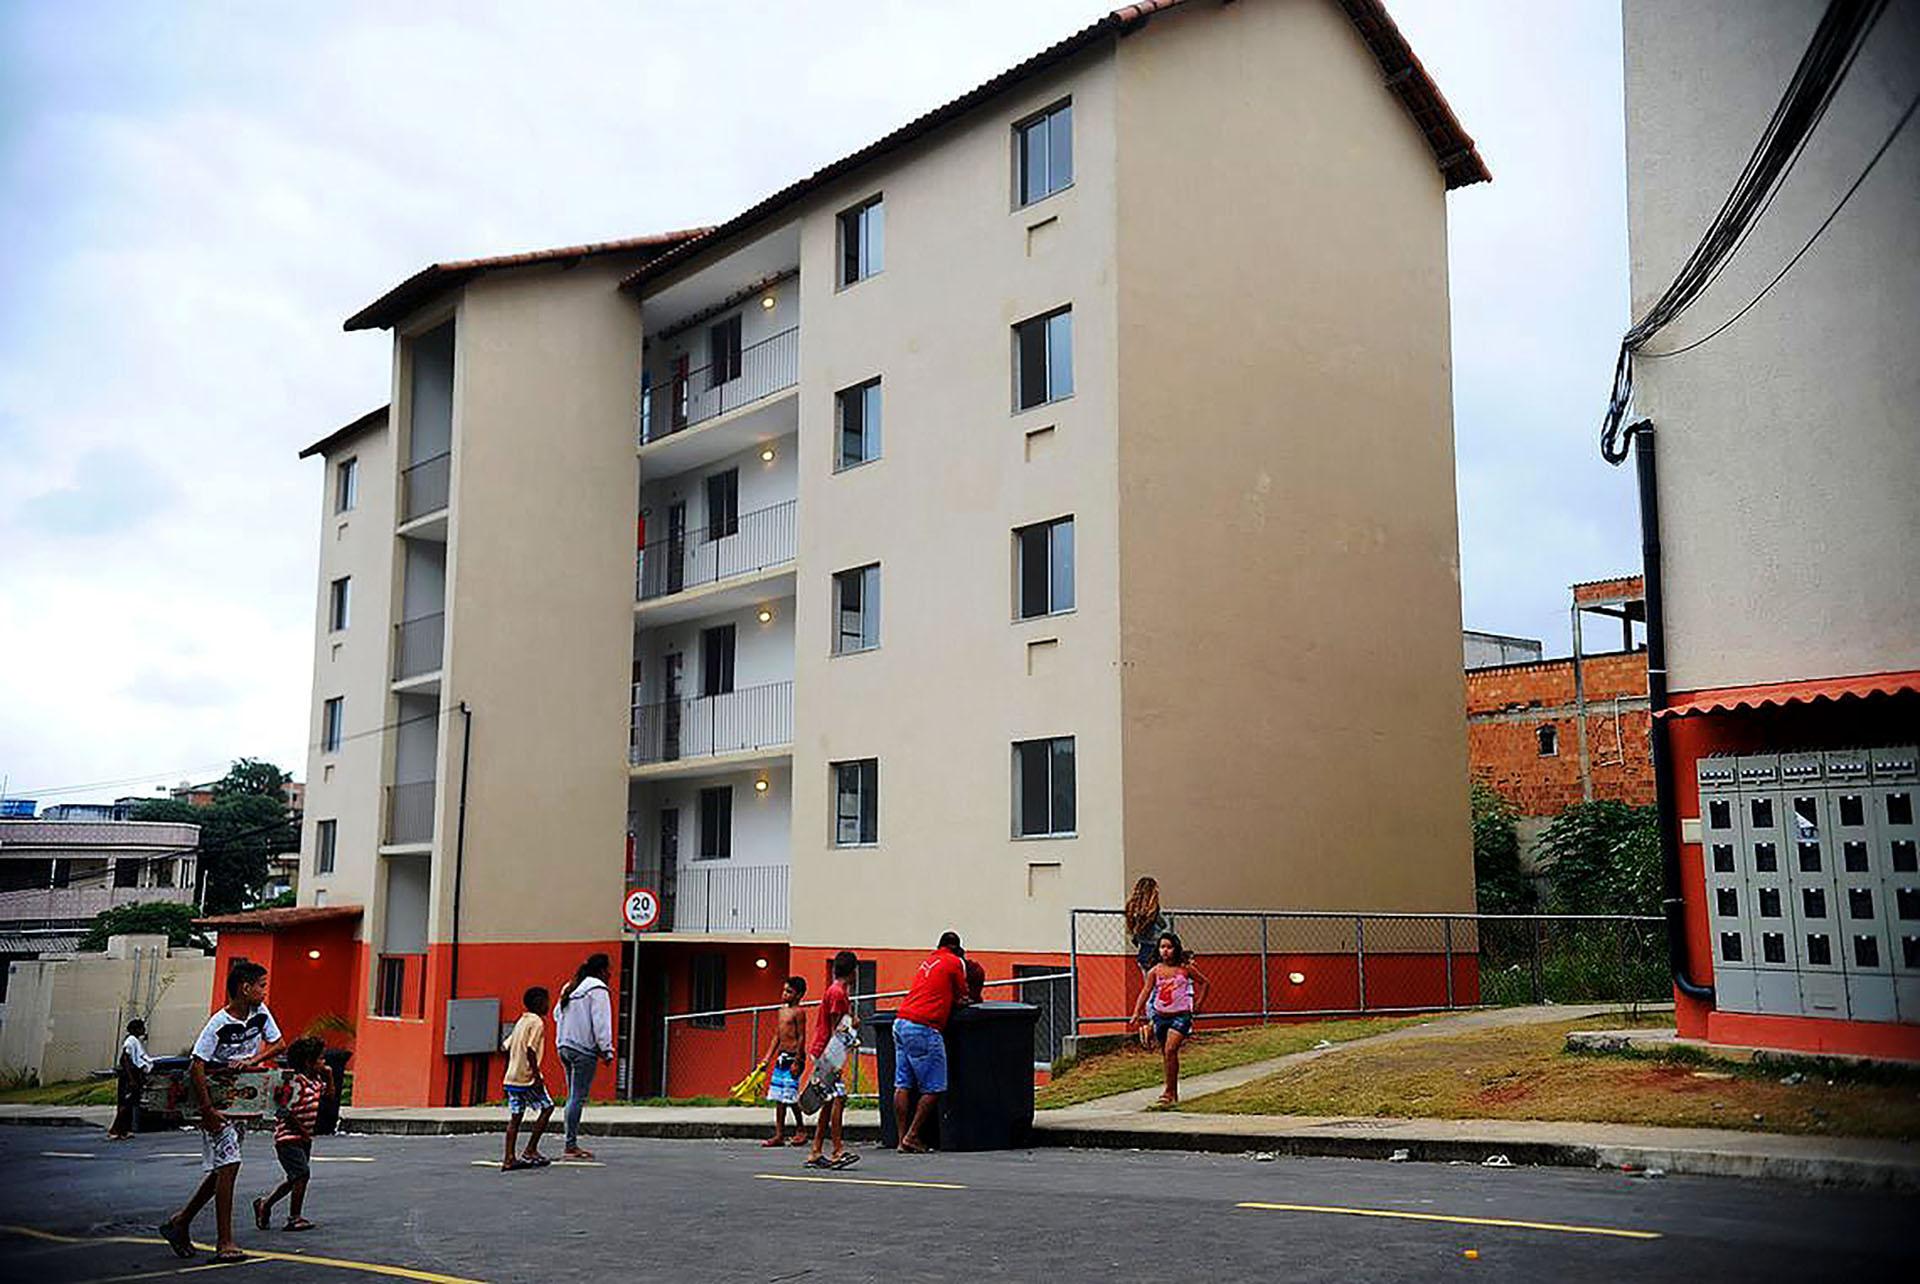 Escassez de recursos faz governo federal liberar verba a conta-gotas para o Minha Casa Minha Vida Crédito: Agência Brasil